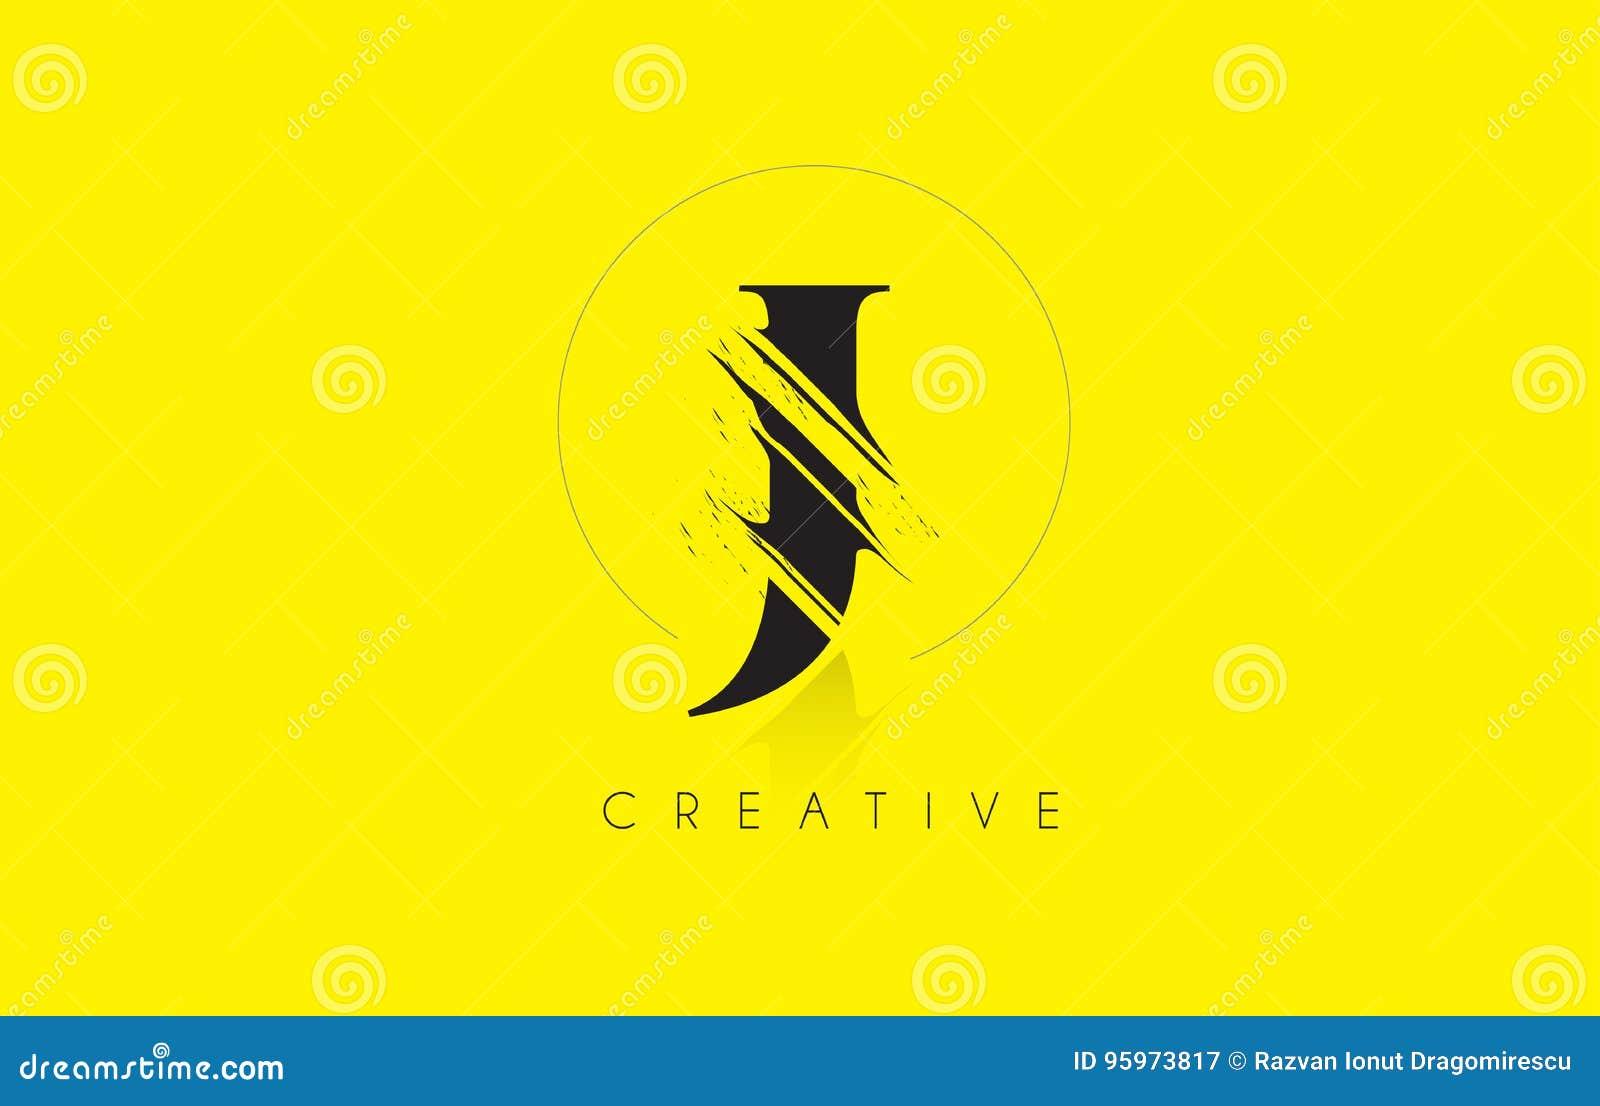 J Letter Logo With Vintage Grundge Drawing Design Destroyed Cut